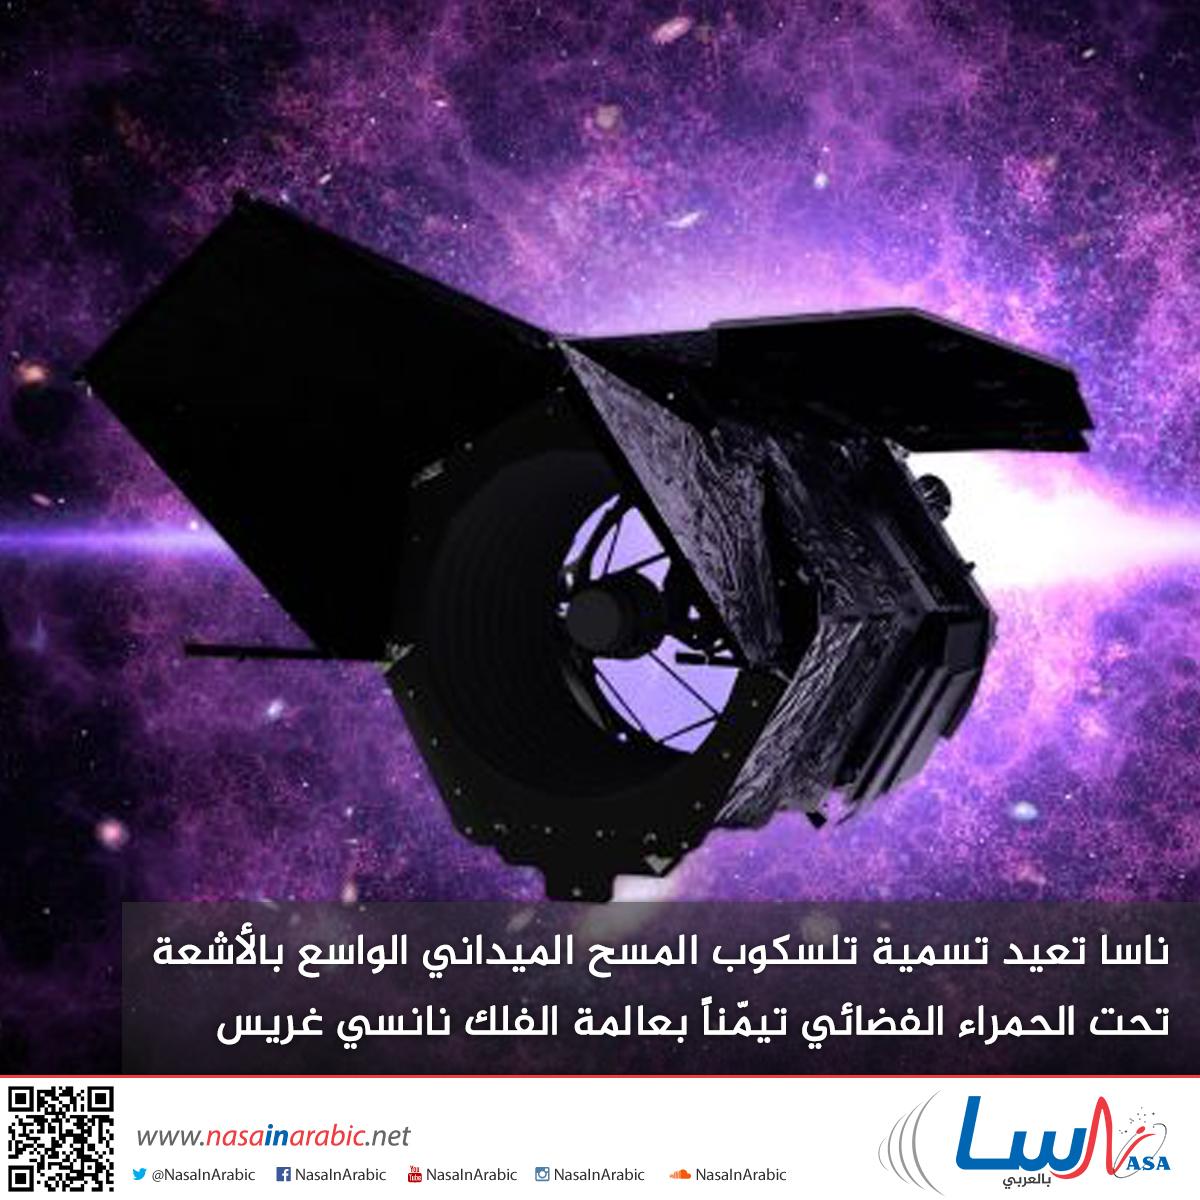 ناسا تعيد تسمية تلسكوب المسح الميداني الواسع بالأشعة تحت الحمراء الفضائي تيمّناً بعالمة الفلك نانسي غريس رومان،